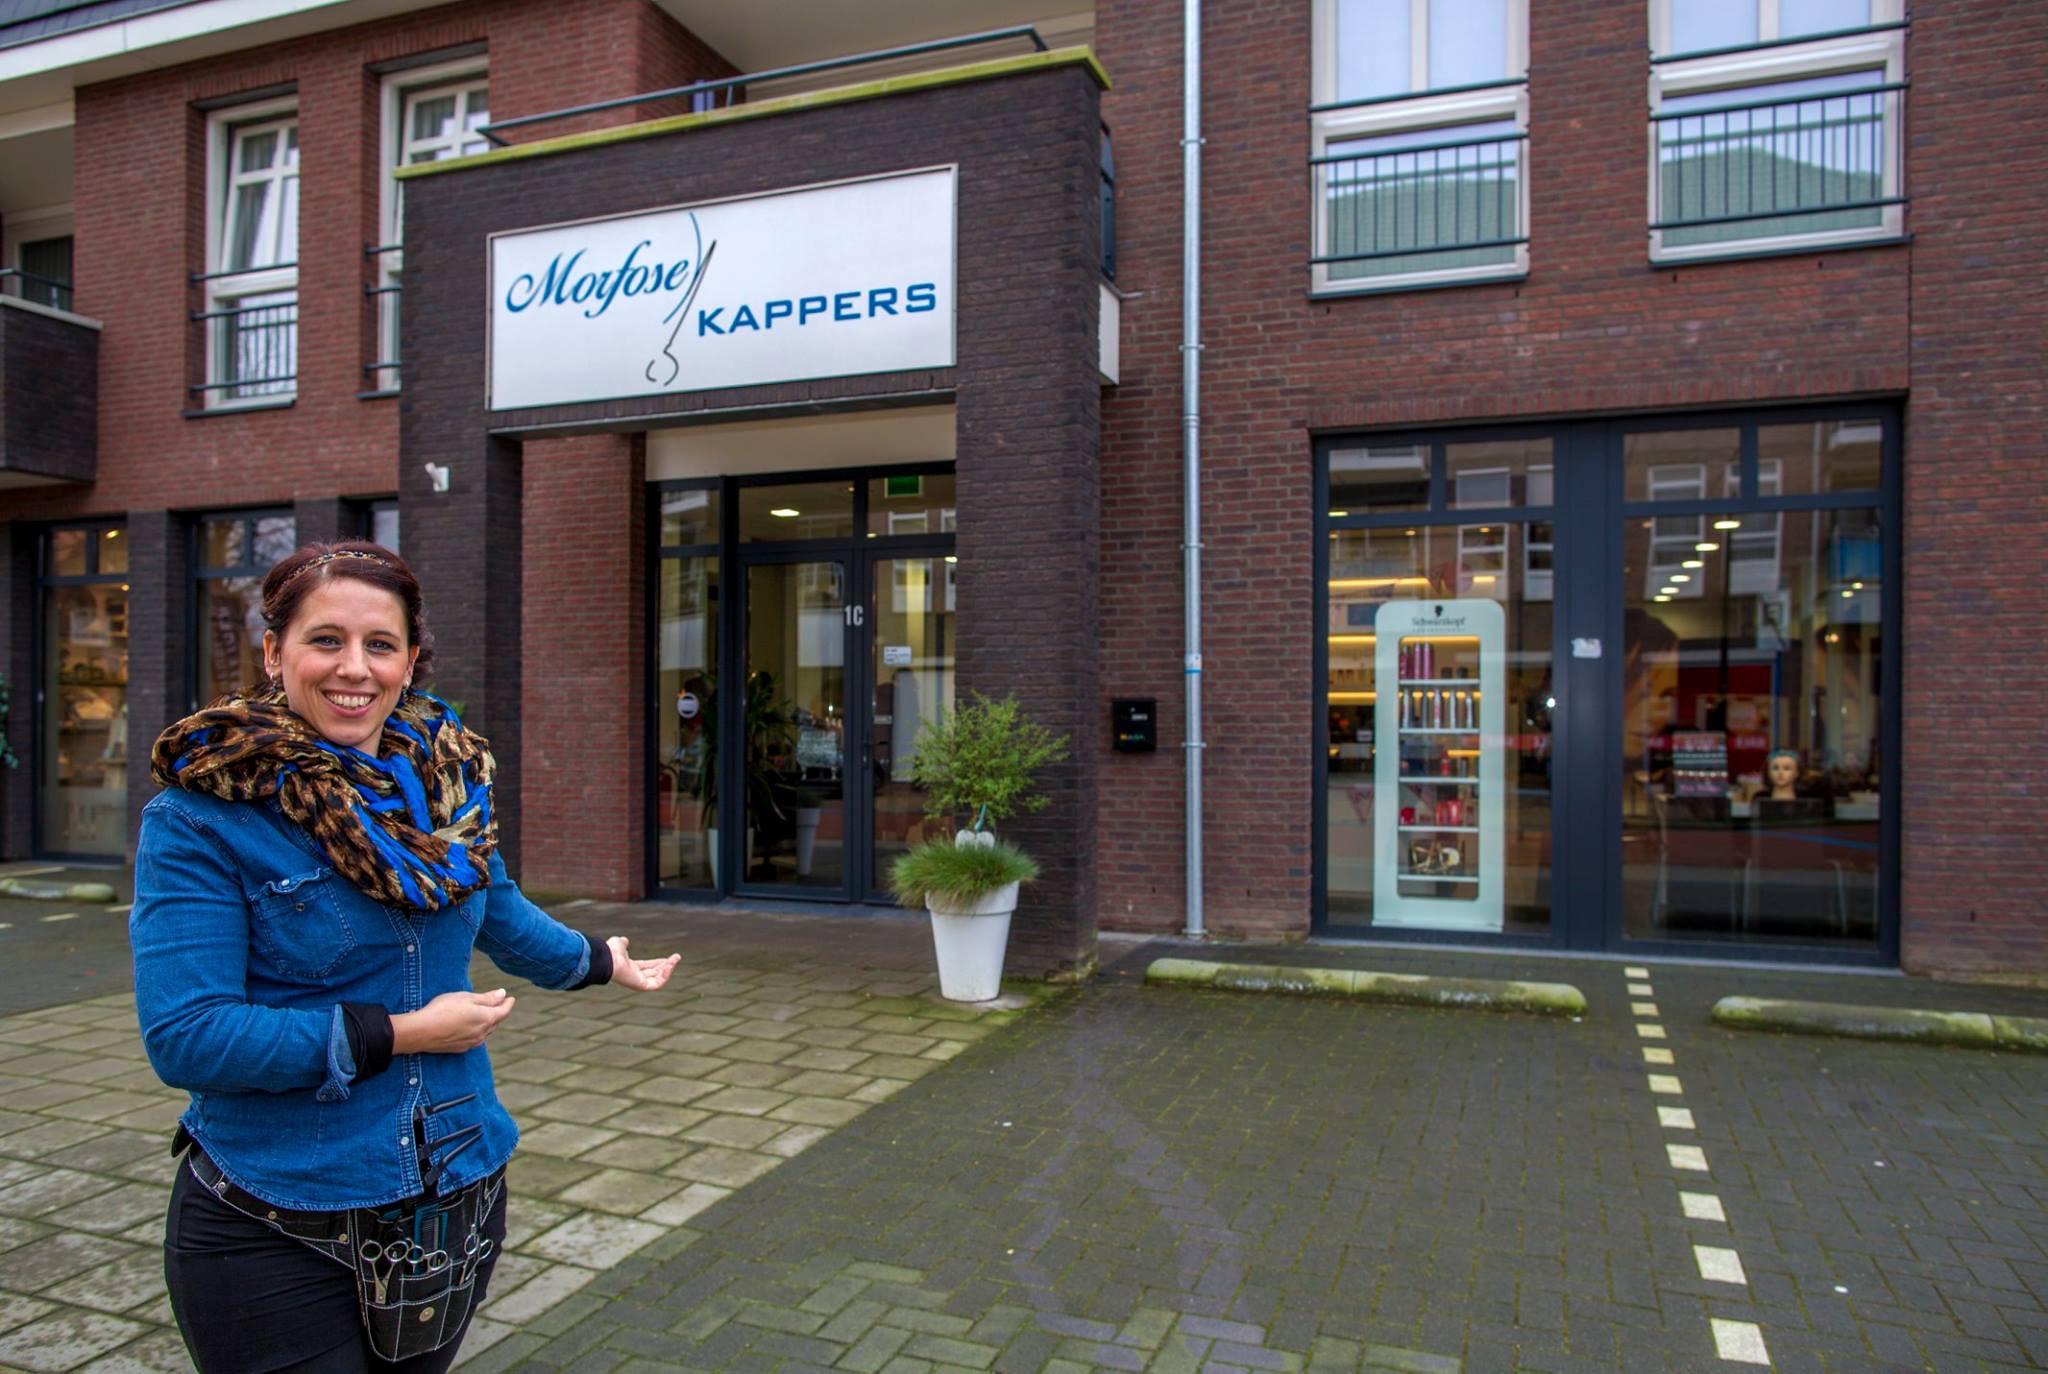 Kapper Someren - Kapsalon Morfose Kappers